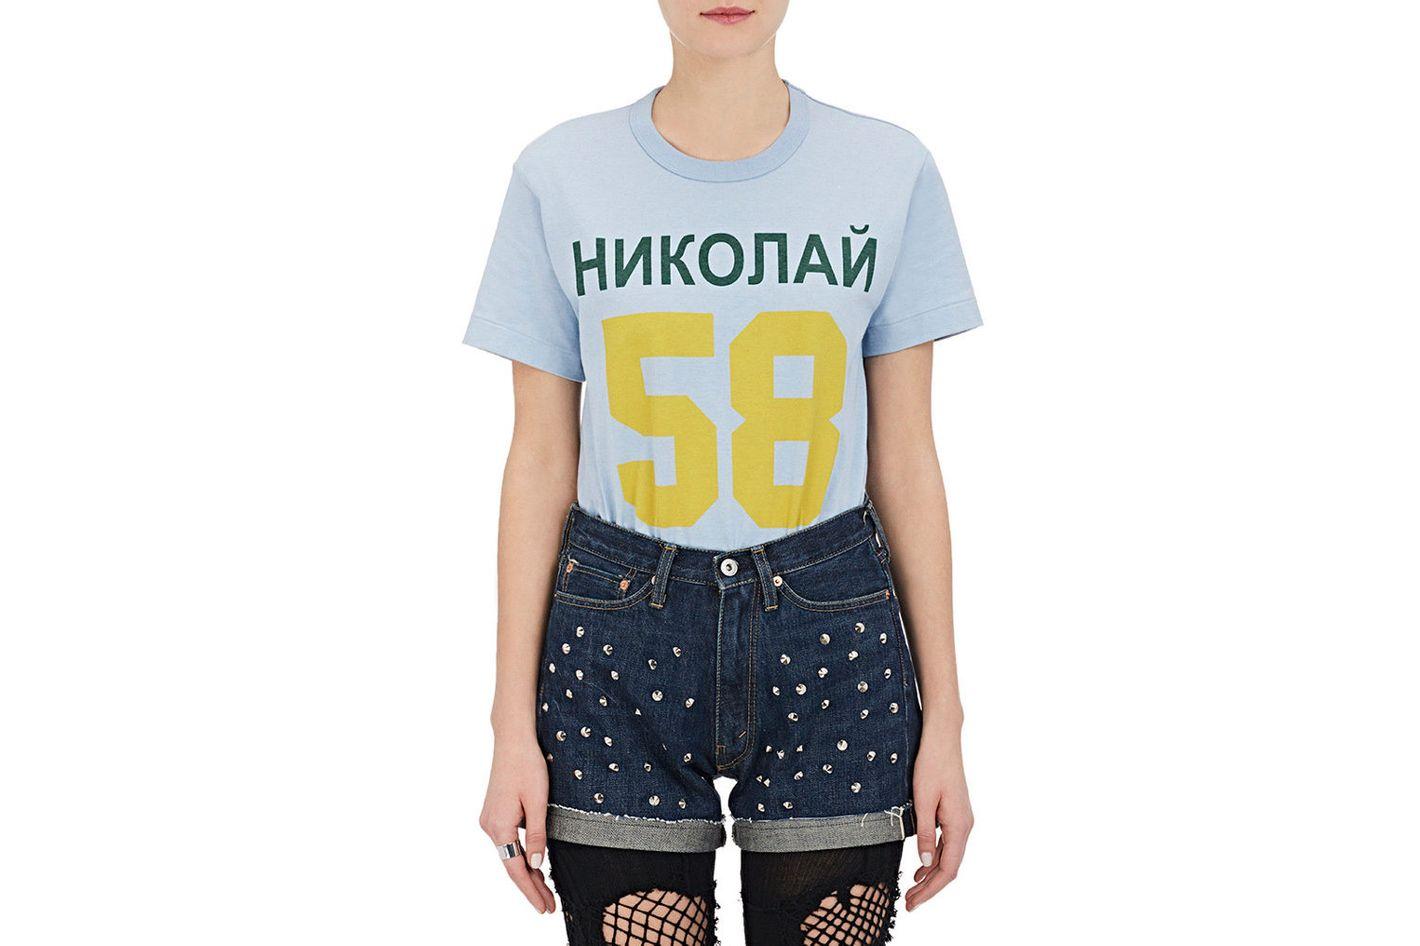 Junya Watanabe Comme des Garçons Graphic Cotton Jersey T-shirt